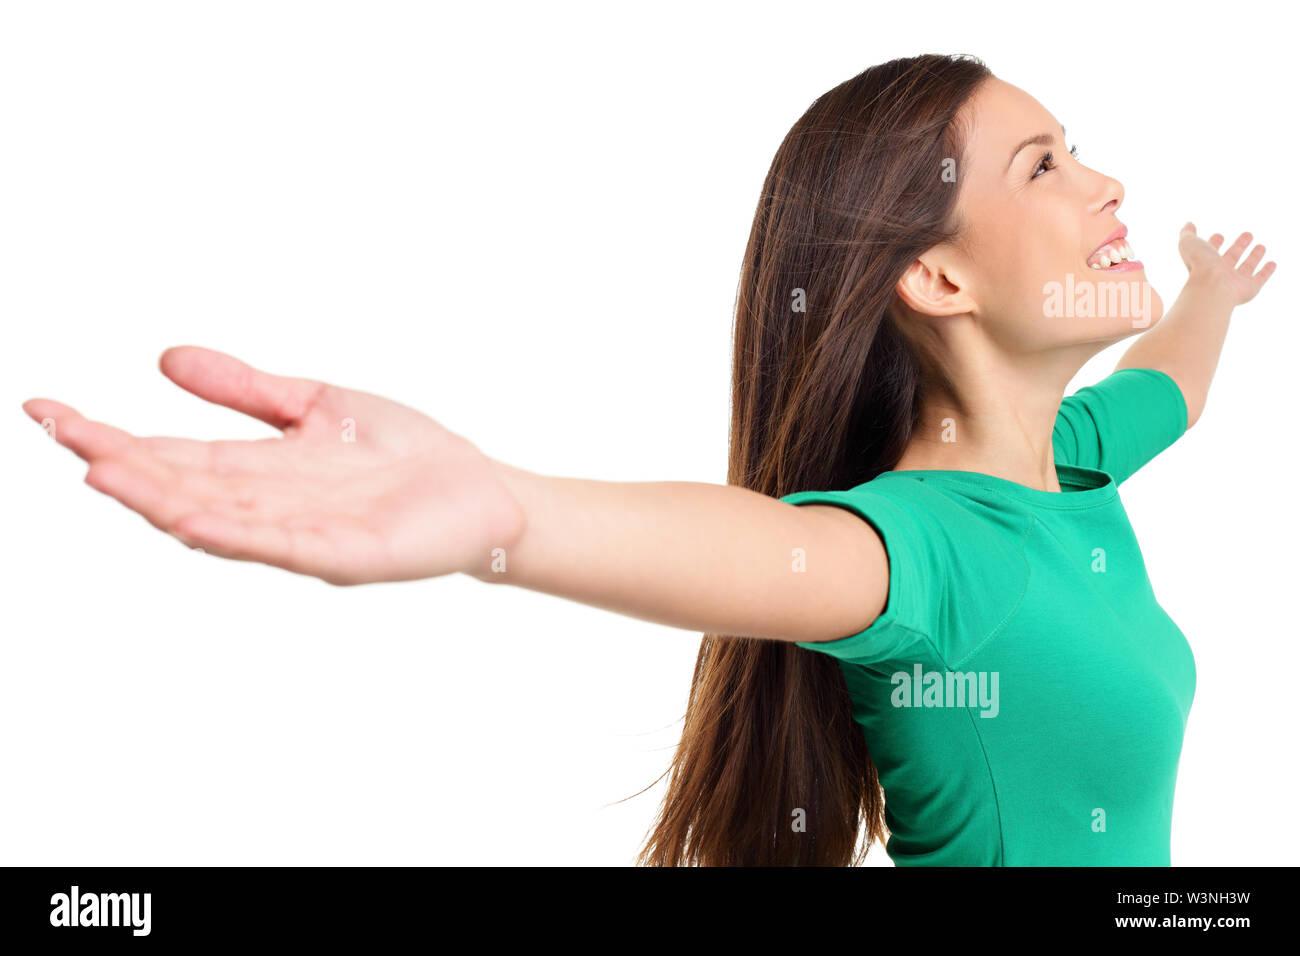 Happy eufórica mujer con los brazos levantados en serena alegría pose. Chica en camisa verde aislado sobre fondo blanco en el estudio. Mestizos asiáticos caucásica modelo femenino. Imagen De Stock